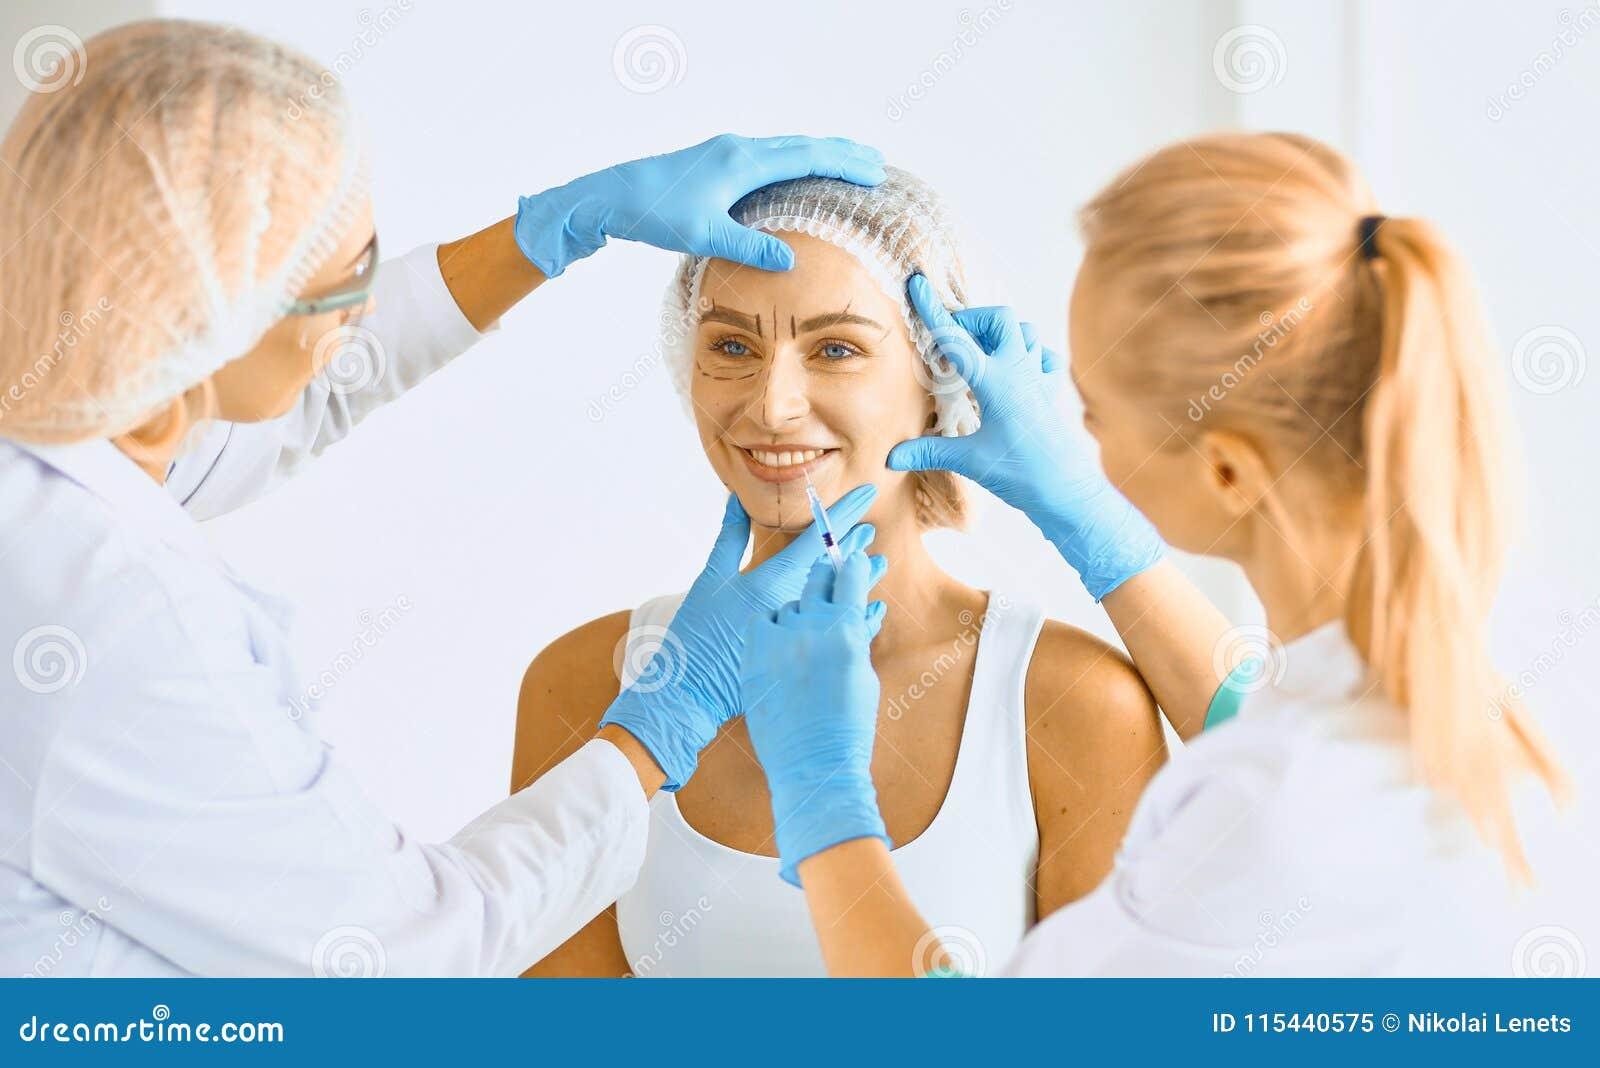 Μόνιμο Makeup για τα φρύδια Όμορφη γυναίκα με παχύ Brows στο σαλόνι ομορφιάς Beautician που κάνει το φρύδι που διαστίζει για